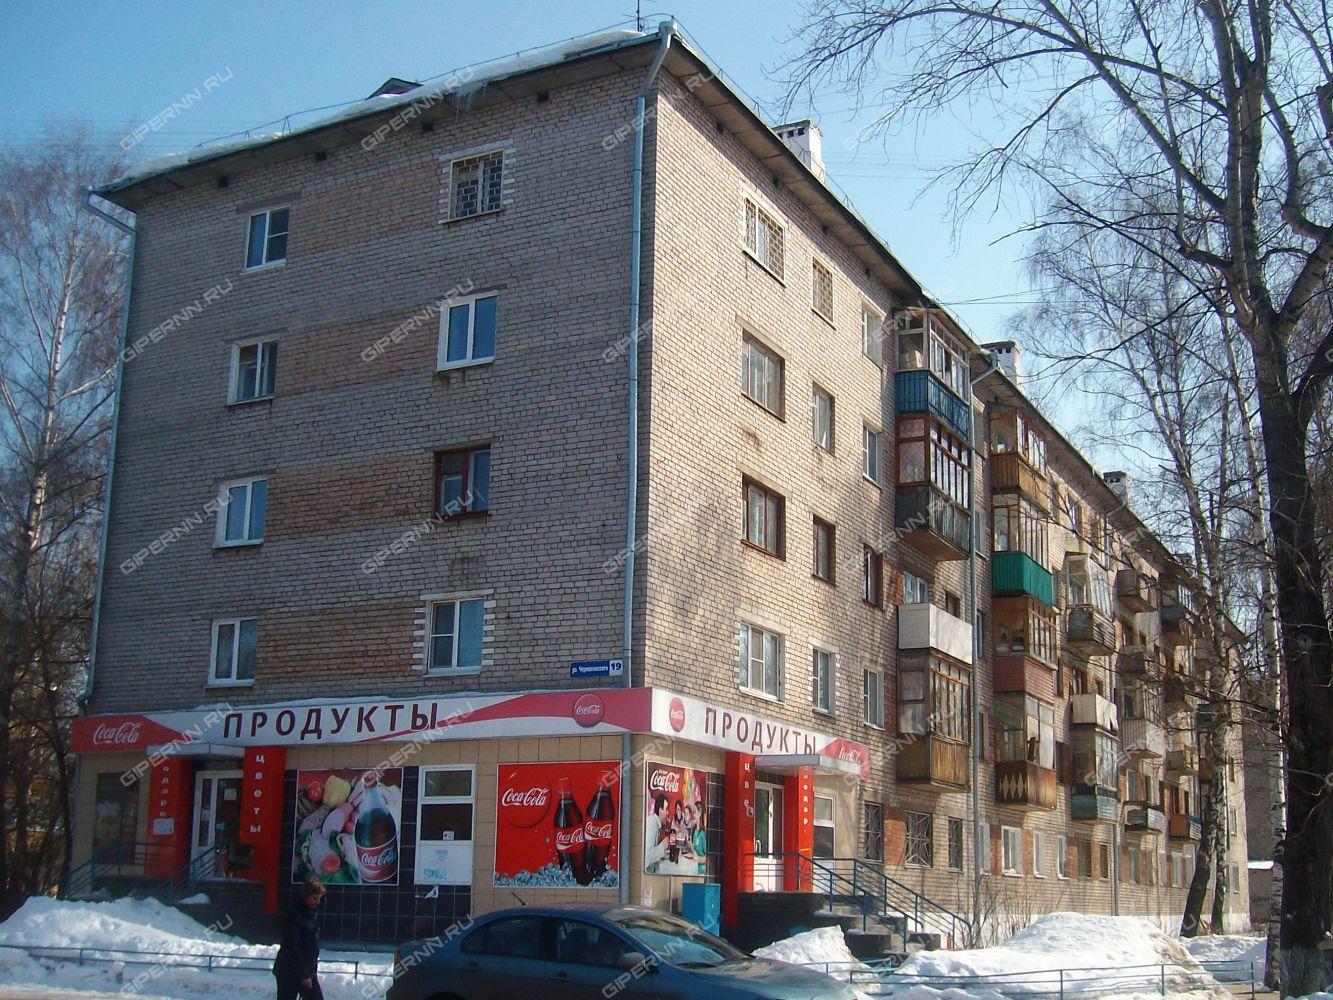 Портал поиска помещений для офиса Черняховского улица офисные помещения под ключ Плавский проезд